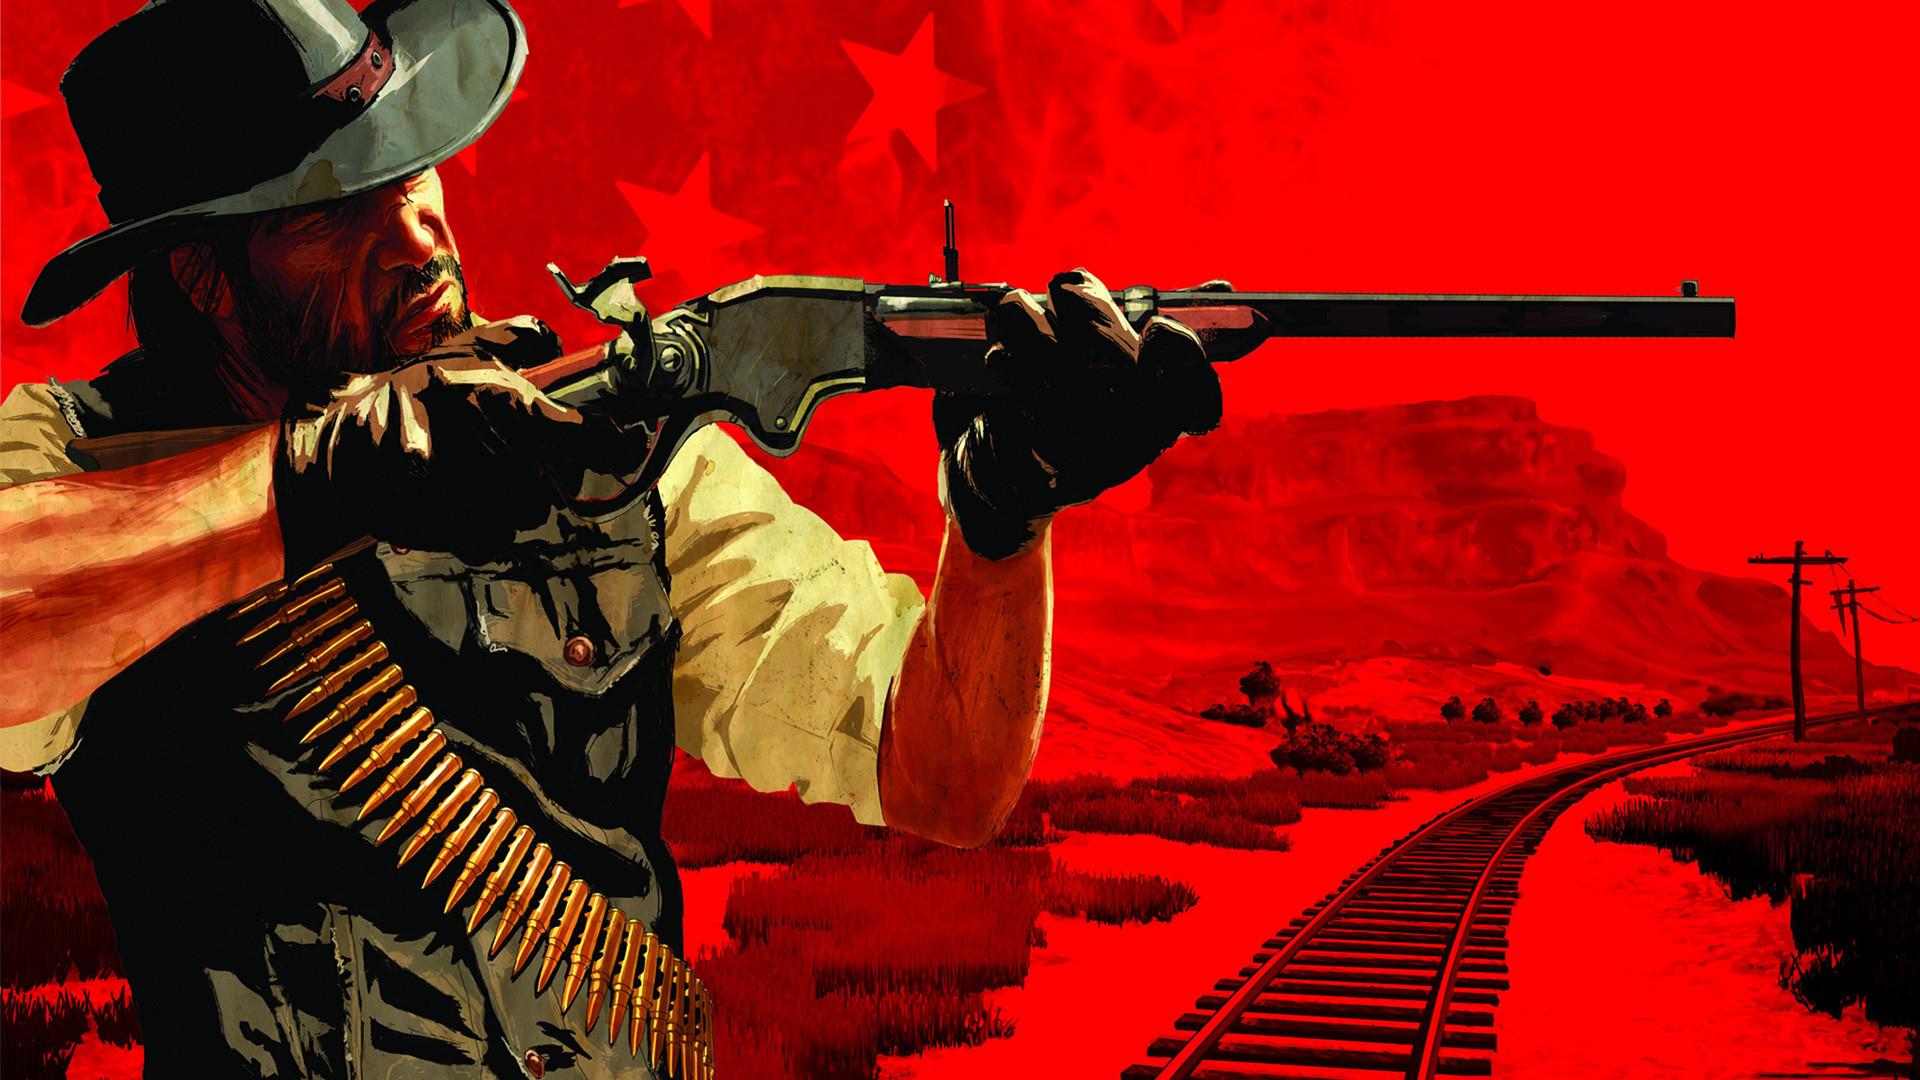 Обновление для Red Dead Online добавило еще одну королевскую битву